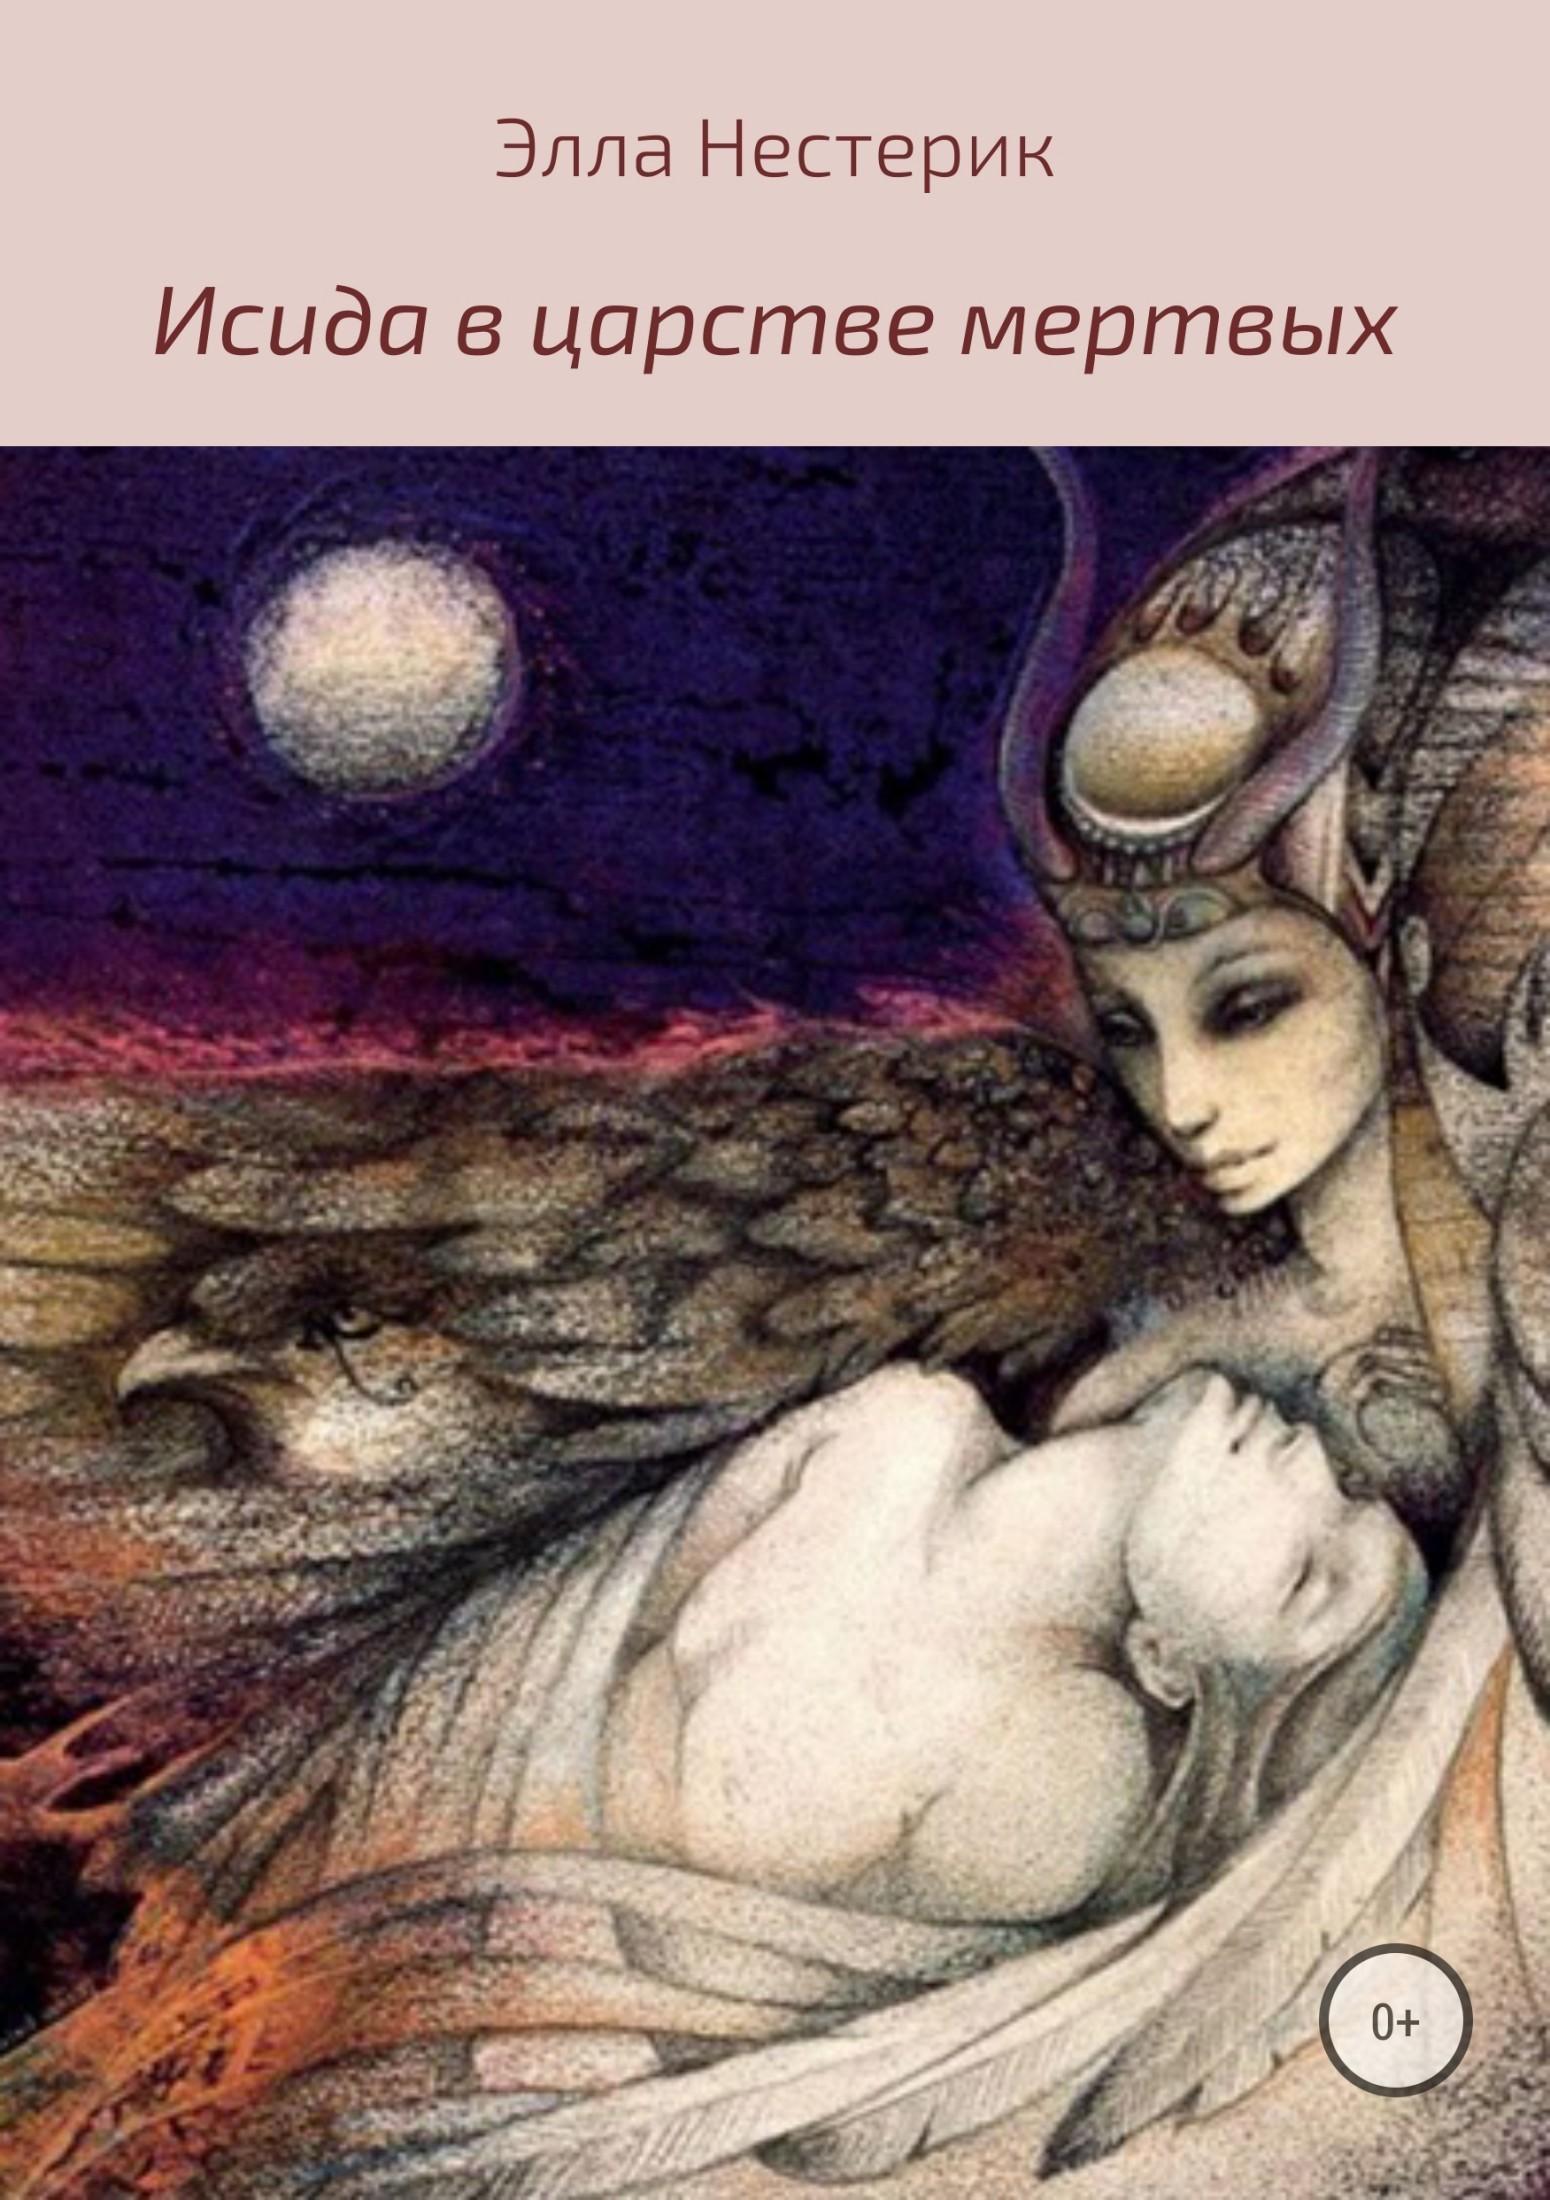 Элла Владимировна Нестерик Исида в царстве мертвых ws 486 часы исида богиня материнства и плодородия